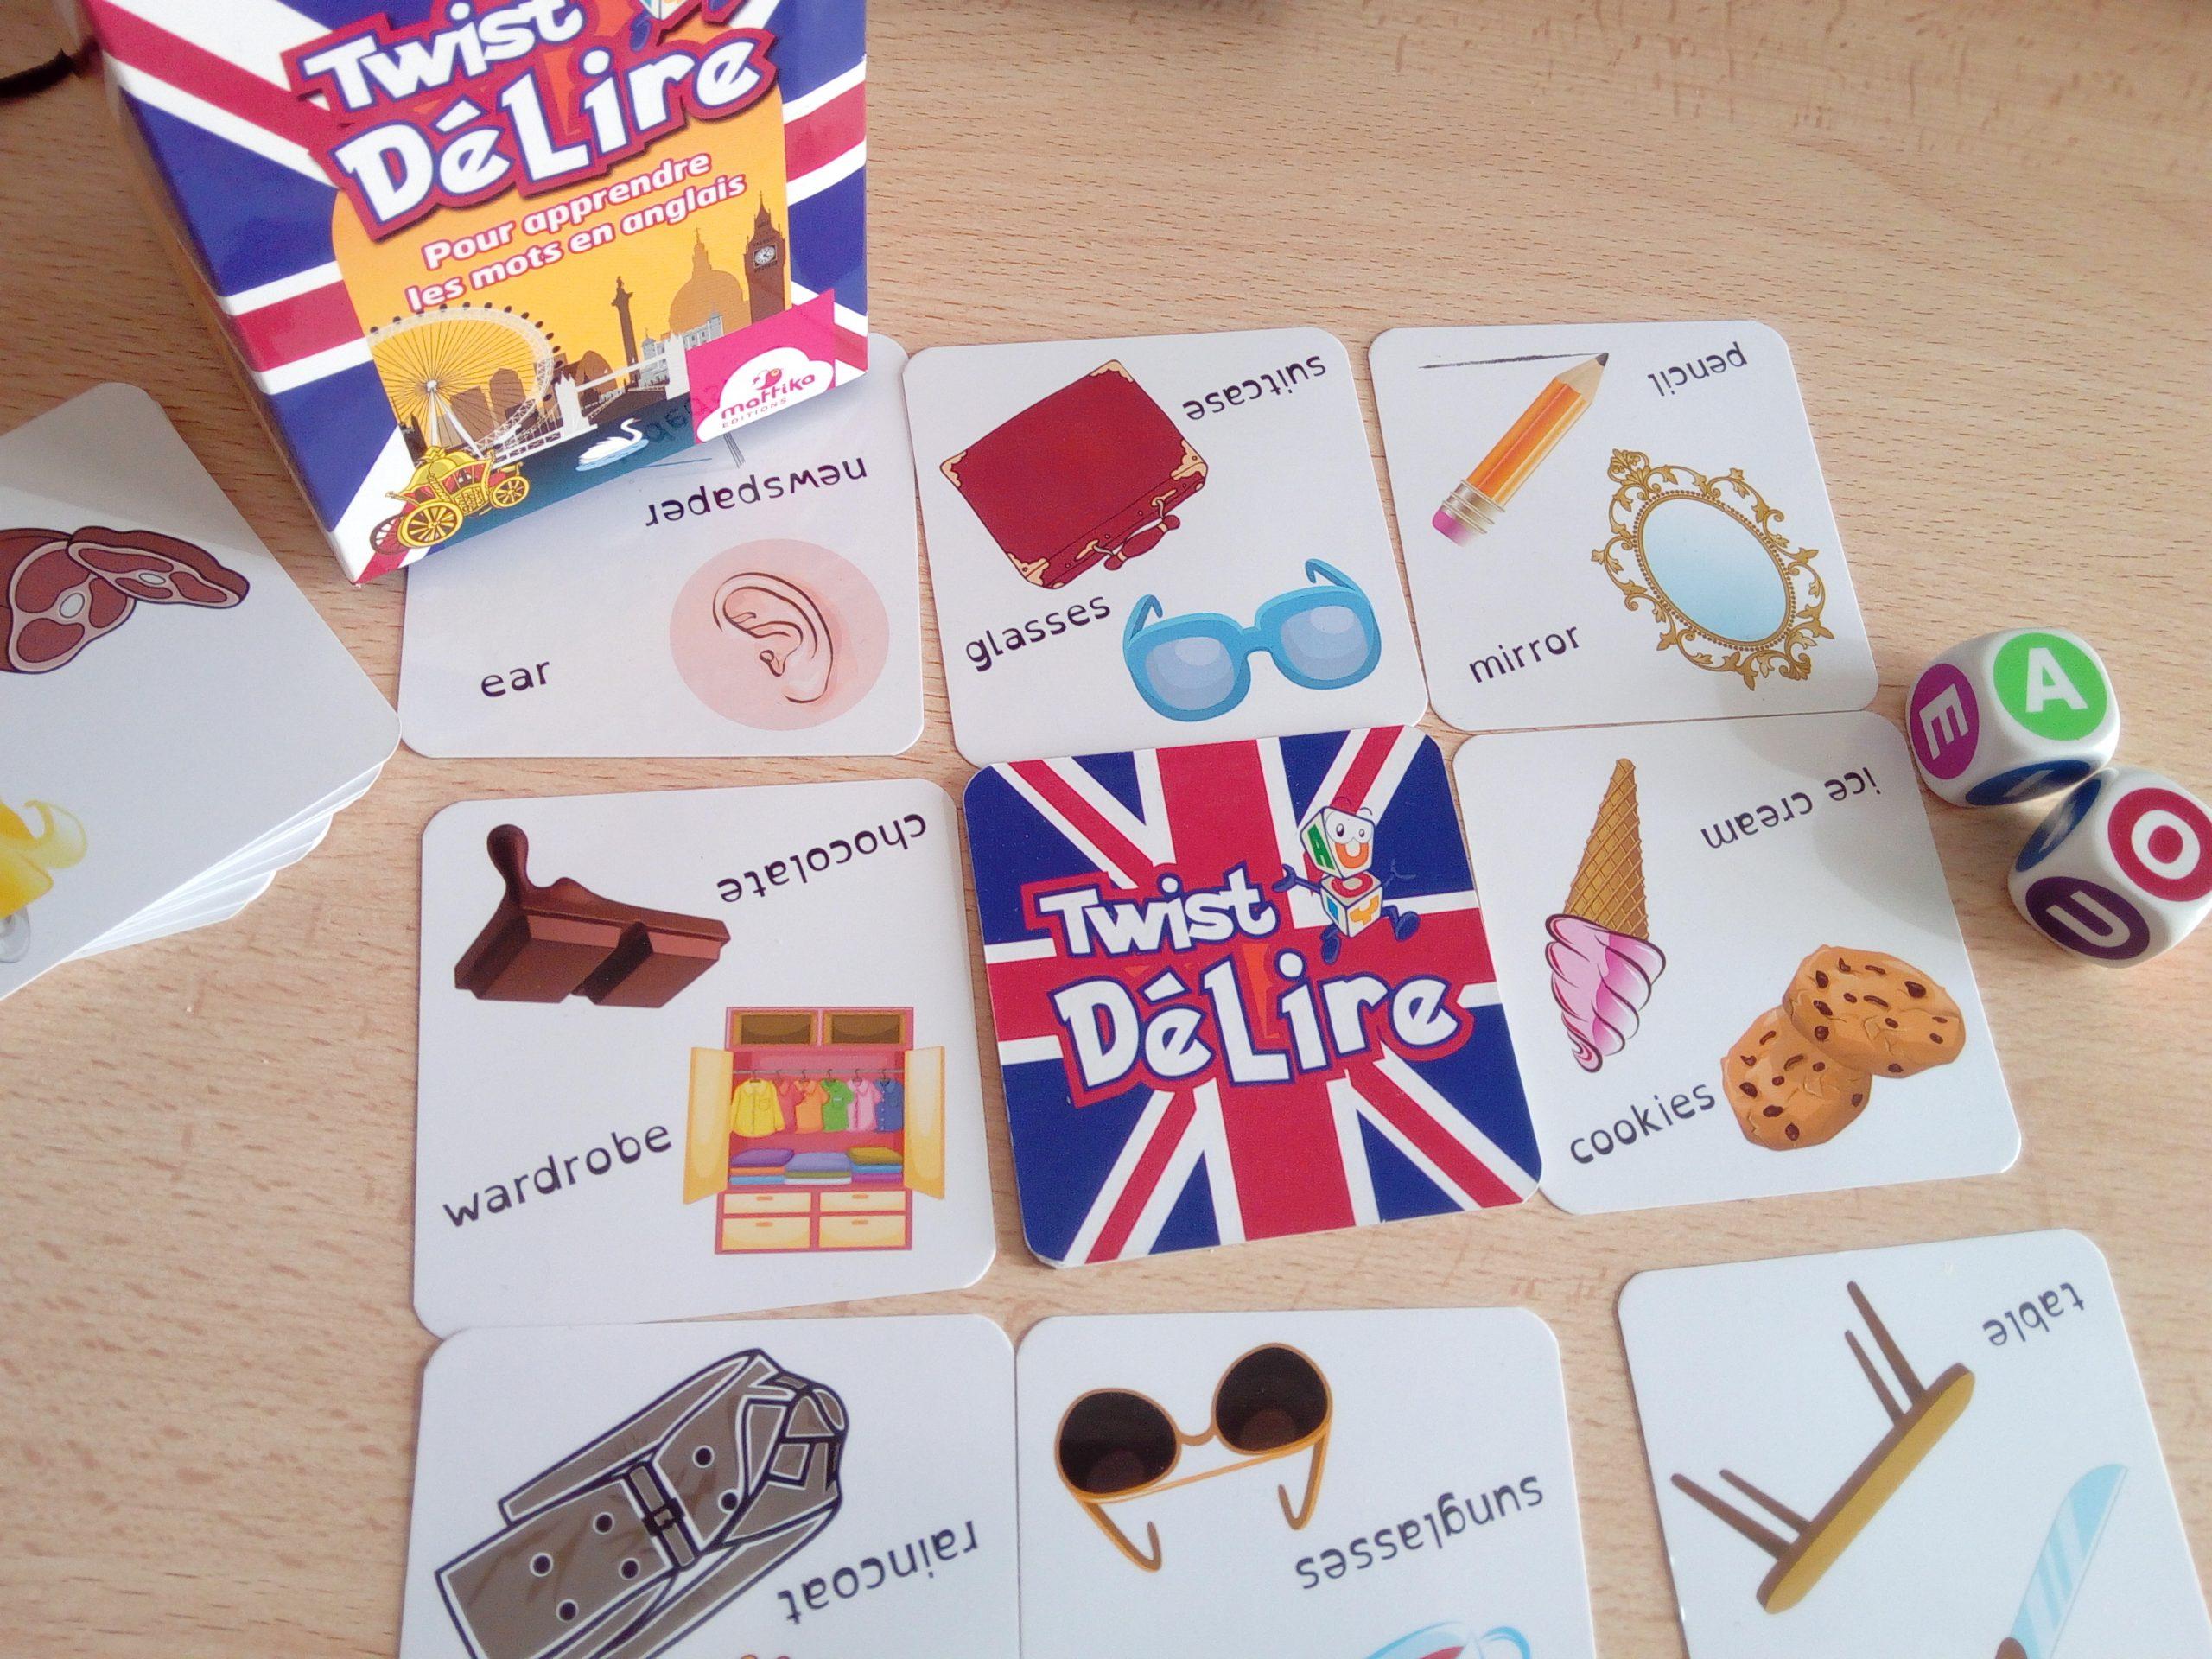 Twist Délire : Un Jeu Progressif Pour Apprendre Des Mots En concernant Jeu De Mot En Anglais